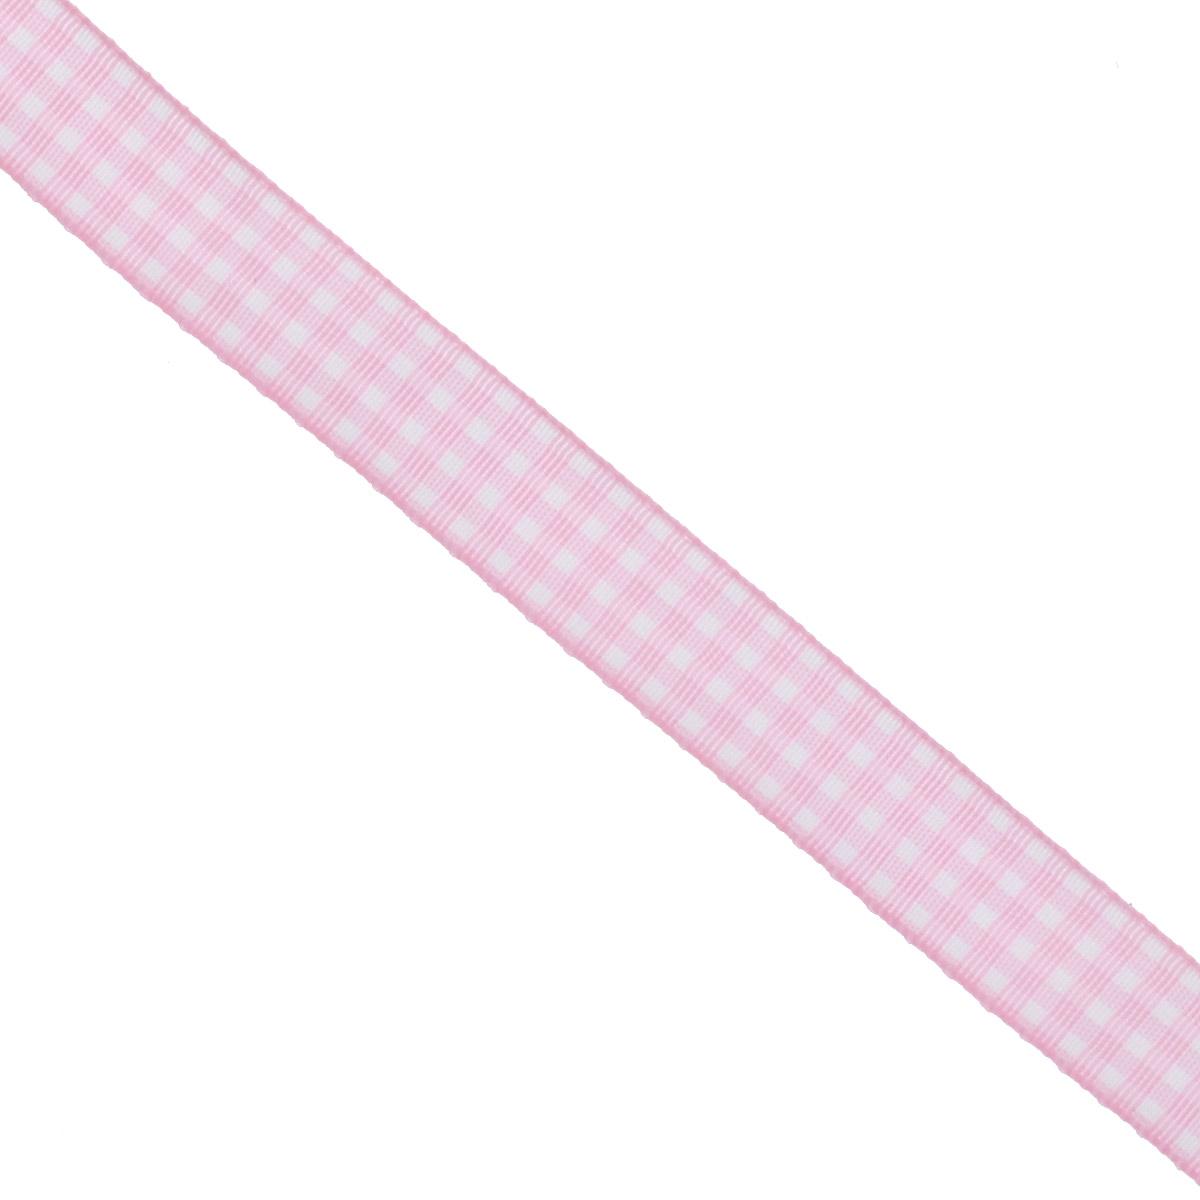 Лента декоративная Brunnen, цвет: розовый, ширина 1,5 см, длина 2 м834113-26\STWДекоративная лента Brunnen, изготовленная из текстиля, предназначена для оформления цветочных букетов, подарочных коробок, пакетов. Кроме того, она с успехом применяется для художественного оформления витрин, праздничного оформления помещений, изготовления искусственных цветов. Ее также можно использовать для творчества в различных техниках, таких как скрапбукинг, оформление аппликаций, для украшения фотоальбомов, подарков, конвертов, фоторамок, открыток и т.д.Ширина ленты: 1,5 см.Длина ленты: 2 м.